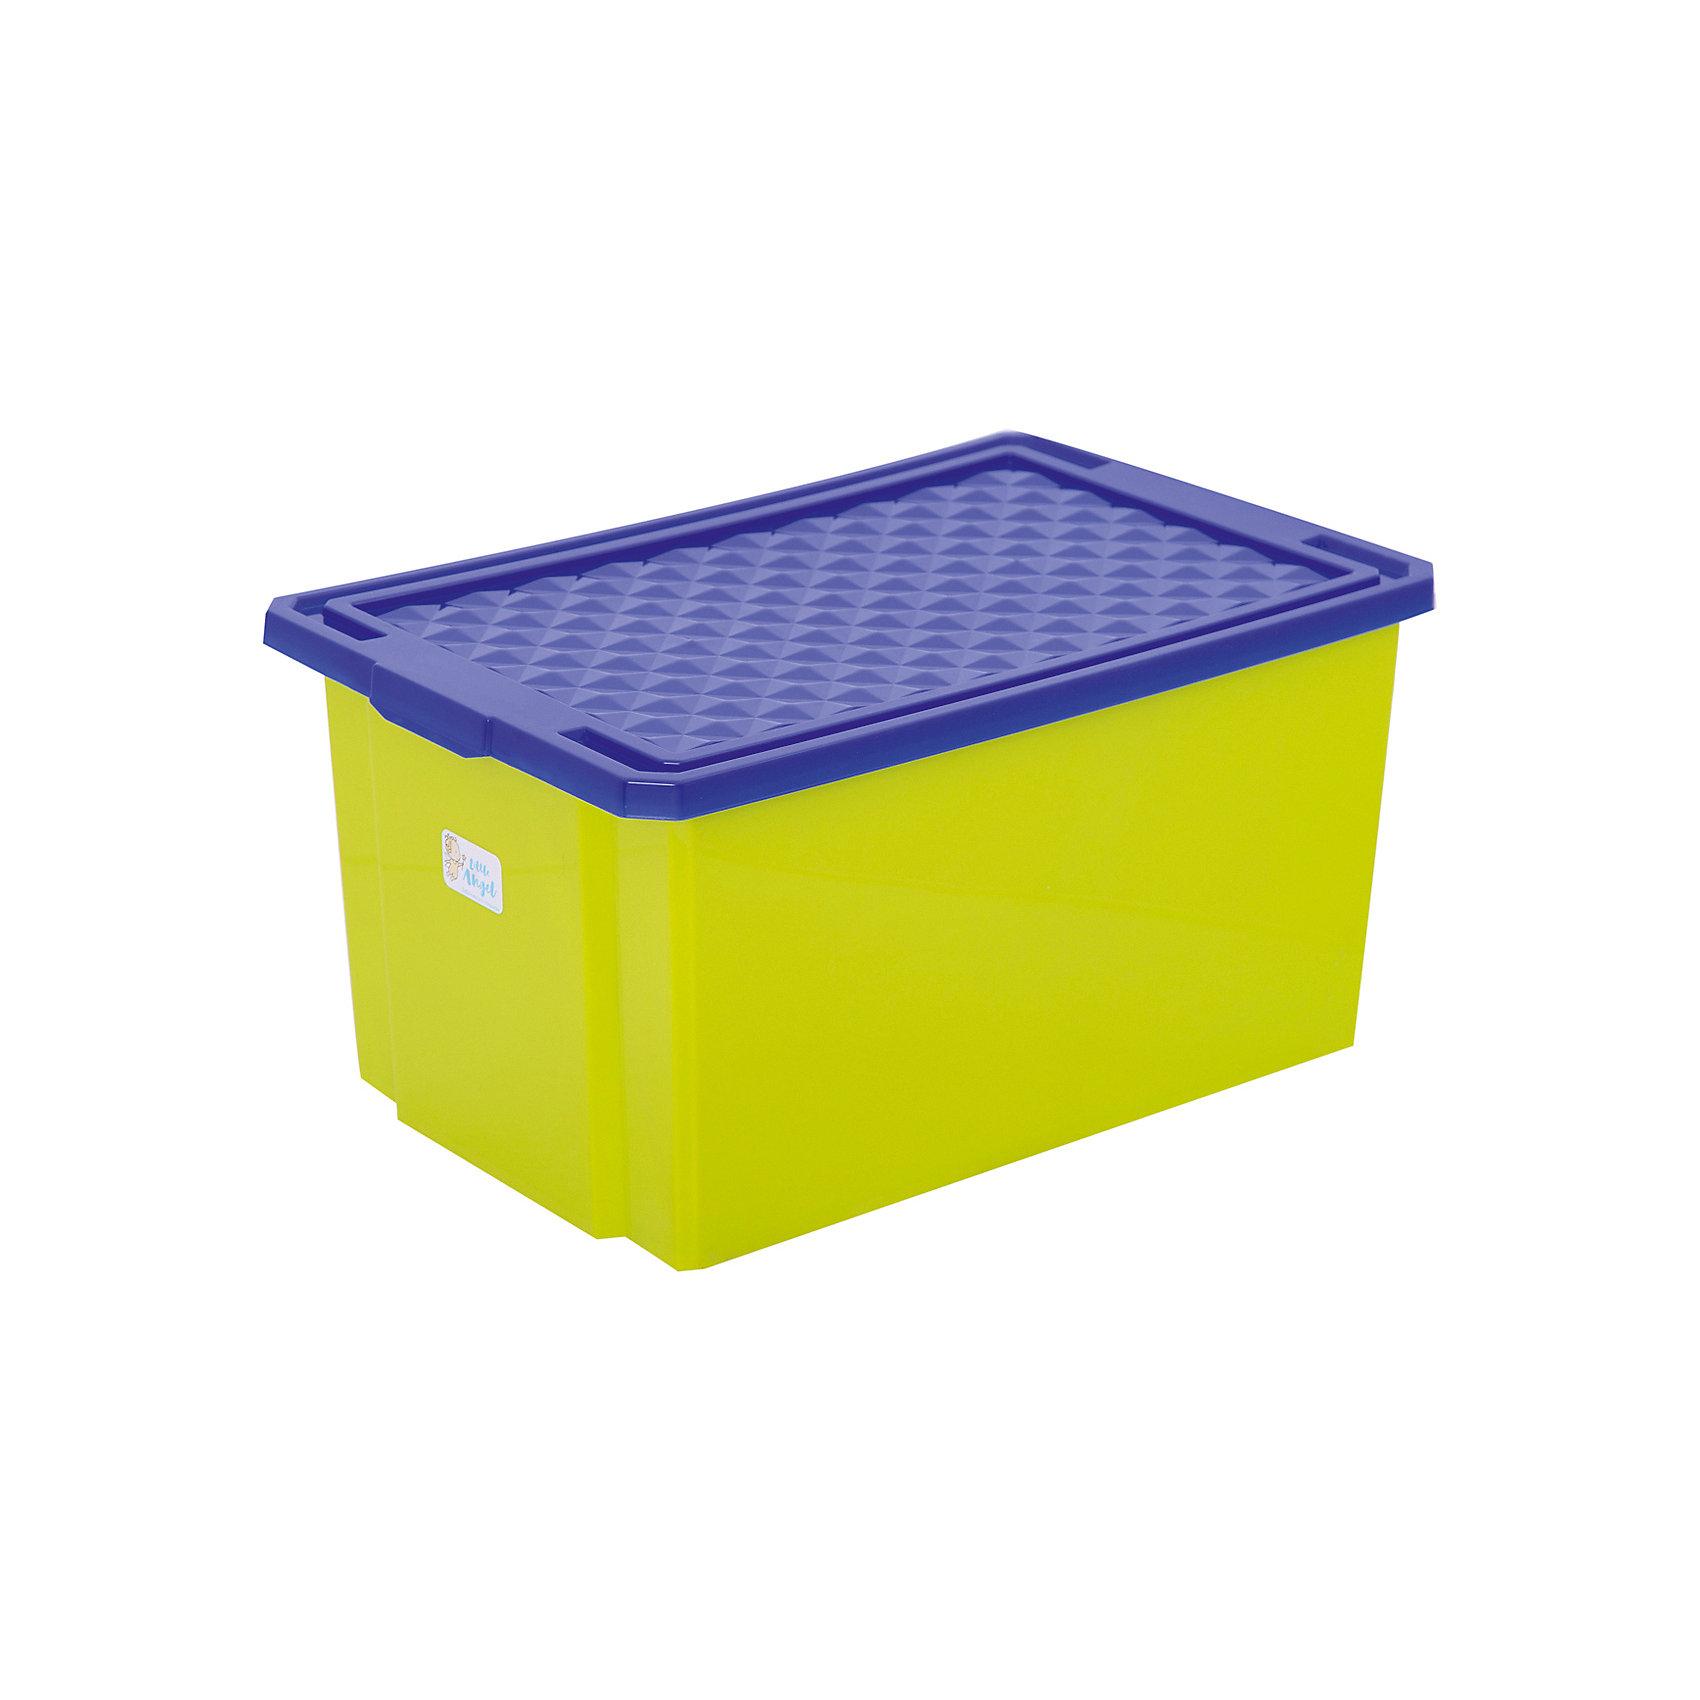 Ящик для хранения игрушек большой 57л на колесах, Little Angel, фисташковыйПорядок в детской<br>Ящик для хранения игрушек большой 57 л на колесах, Little Angel, фисташковый изготовлен отечественным производителем . Выполненный из высококачественного пластика, устойчивого к внешним повреждениям и изменению цвета, ящик станет не только необходимым предметом для хранения детских игрушек и принадлежностей, но и украсит детскую комнату своим ярким дизайном. Ящик оснащен крышкой, что защитит хранящиеся в нем предметы от пыли. Ящик оснащен колесиками, что позволяет его легко передвигать по помещению даже ребенку.<br>Ящик для хранения игрушек большой 57 л на колесах, Little Angel, фисташковый достаточно прост в уходе, его можно протирать влажной губкой или мыть в теплой воде. <br><br>Дополнительная информация:<br><br>- Предназначение: для дома<br>- Цвет: фисташковый<br>- Пол: для мальчика/для девочки<br>- Материал: пластик<br>- Размер (Д*Ш*В): 61*40,5*33 см<br>- Объем: 57 л<br>- Вес: 1 кг 956 г<br>- Особенности ухода: разрешается мыть теплой водой<br><br>Подробнее:<br><br>• Для детей в возрасте: от 2 лет и до 7 лет<br>• Страна производитель: Россия<br>• Торговый бренд: Little Angel<br><br>Ящик для хранения игрушек большой 57 л на колесах, Little Angel, фисташковый можно купить в нашем интернет-магазине.<br><br>Ширина мм: 610<br>Глубина мм: 405<br>Высота мм: 330<br>Вес г: 1956<br>Возраст от месяцев: 24<br>Возраст до месяцев: 84<br>Пол: Унисекс<br>Возраст: Детский<br>SKU: 4881774